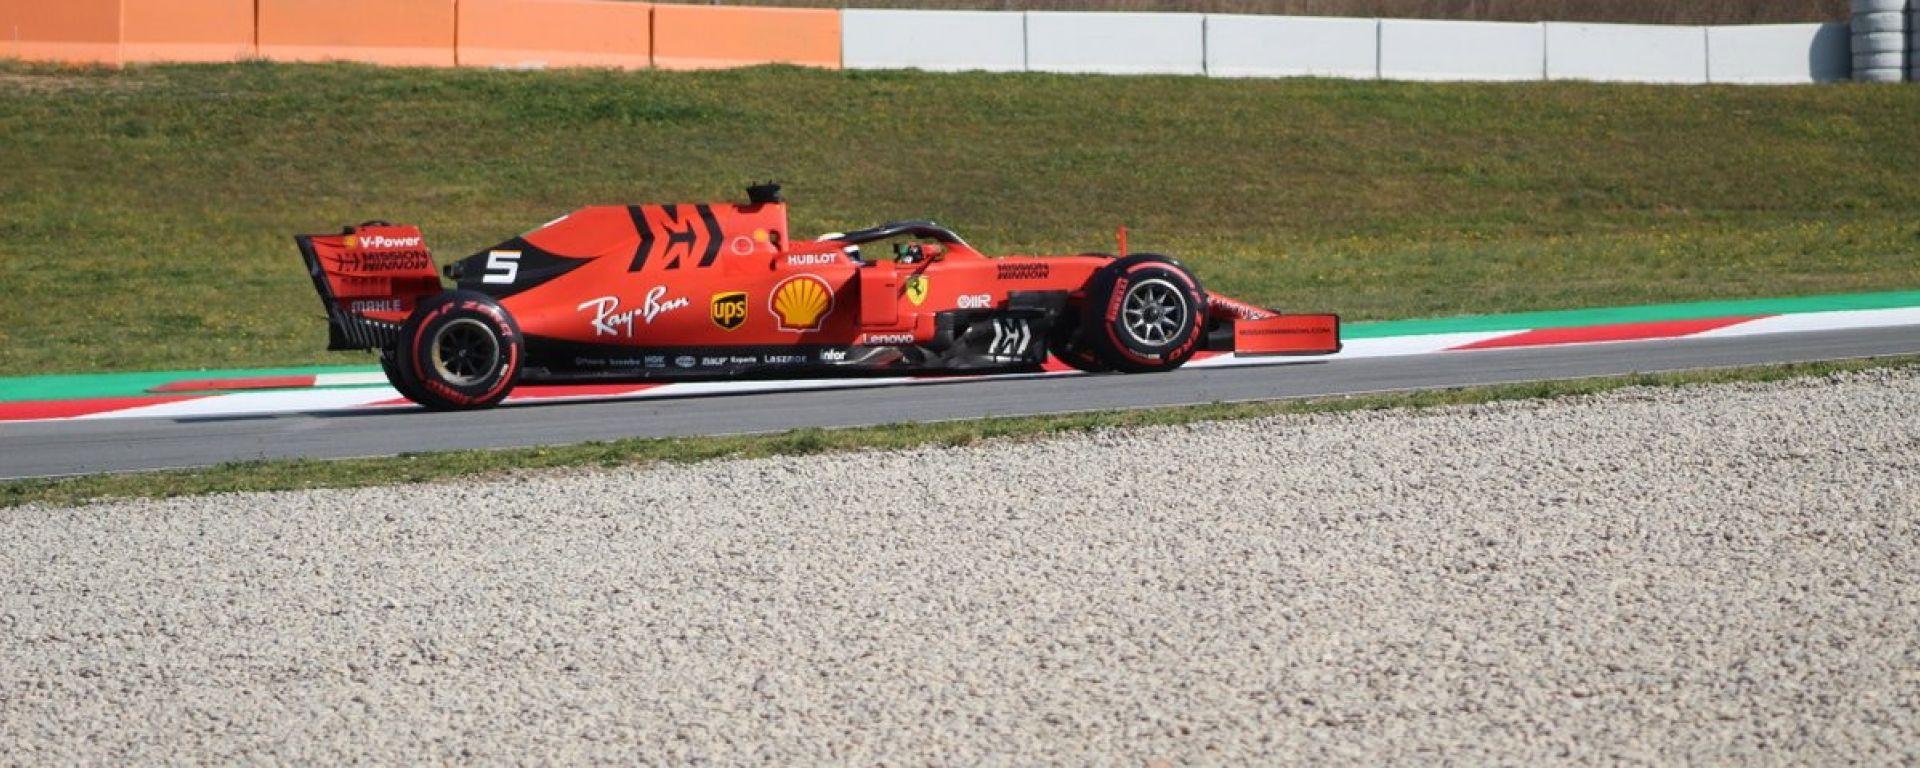 Sebastian Vettel con gomme Soft nel corso dei test F1 Barcellona 2019